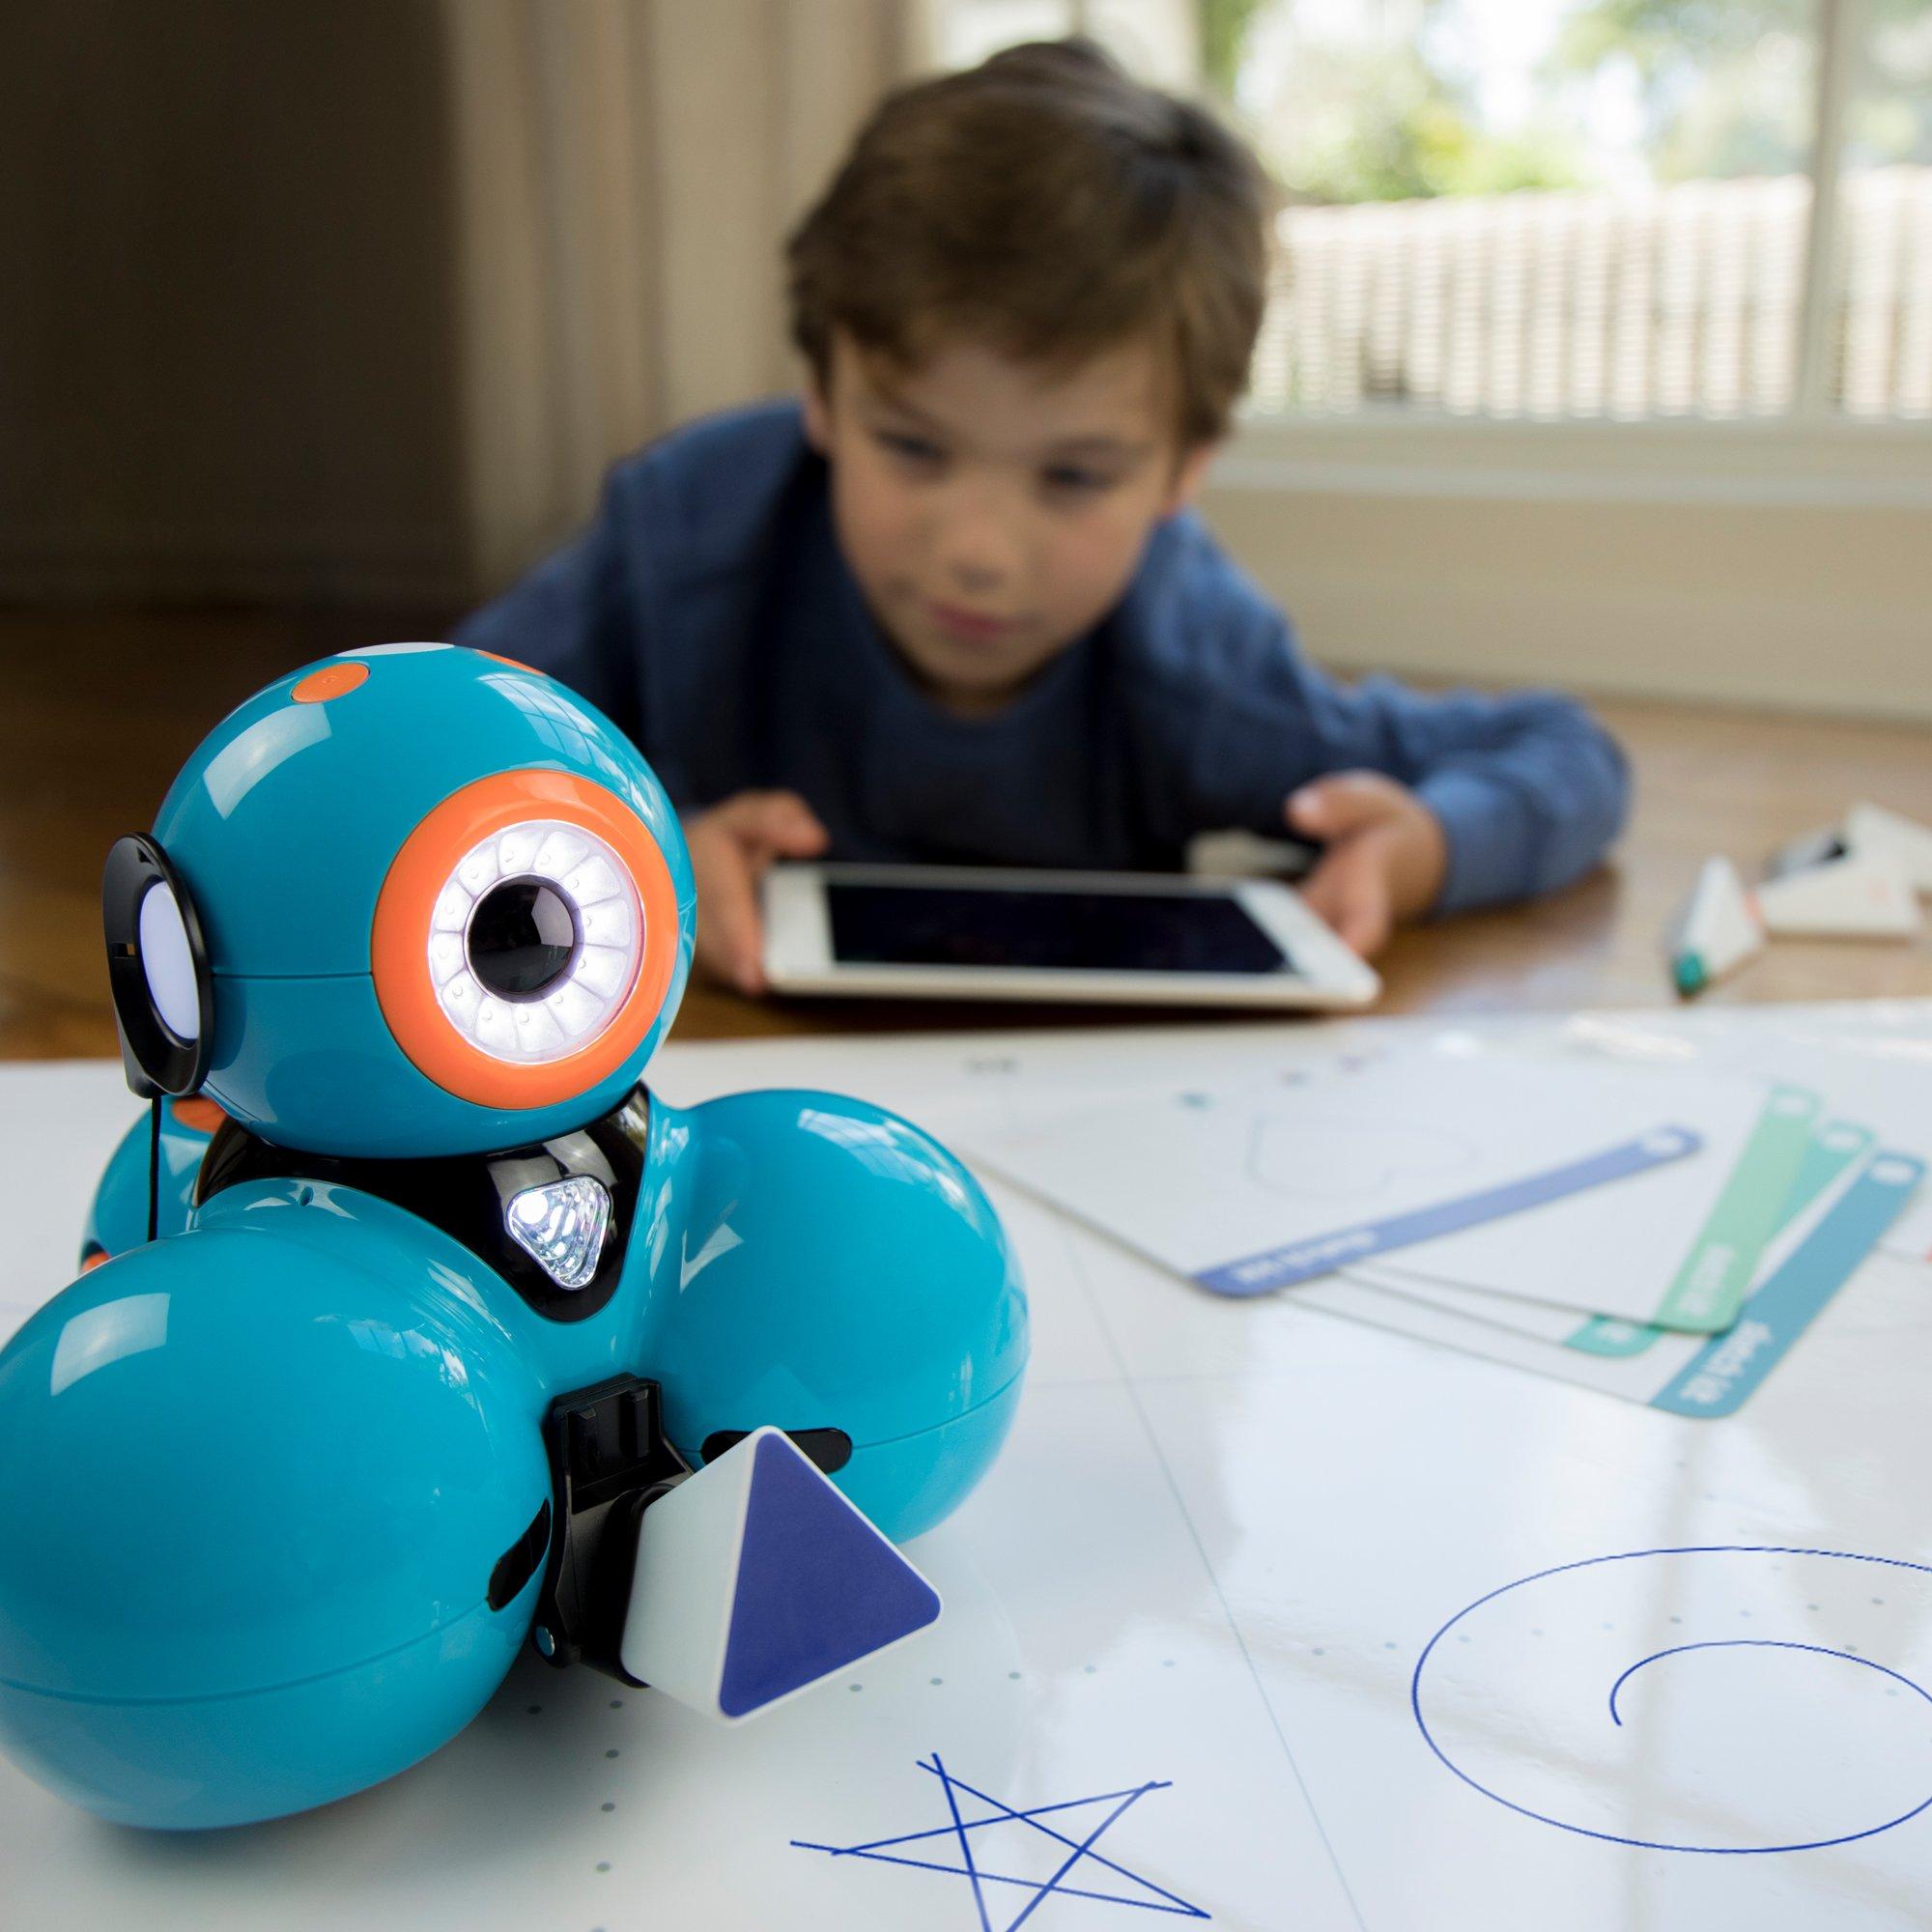 Wonder Workshop – Dash Robot Coding for Kids 6+ – Dash Challenge Cards and Sketch Kit Bundle – (Amazon Exclusive) by Wonder Workshop (Image #7)